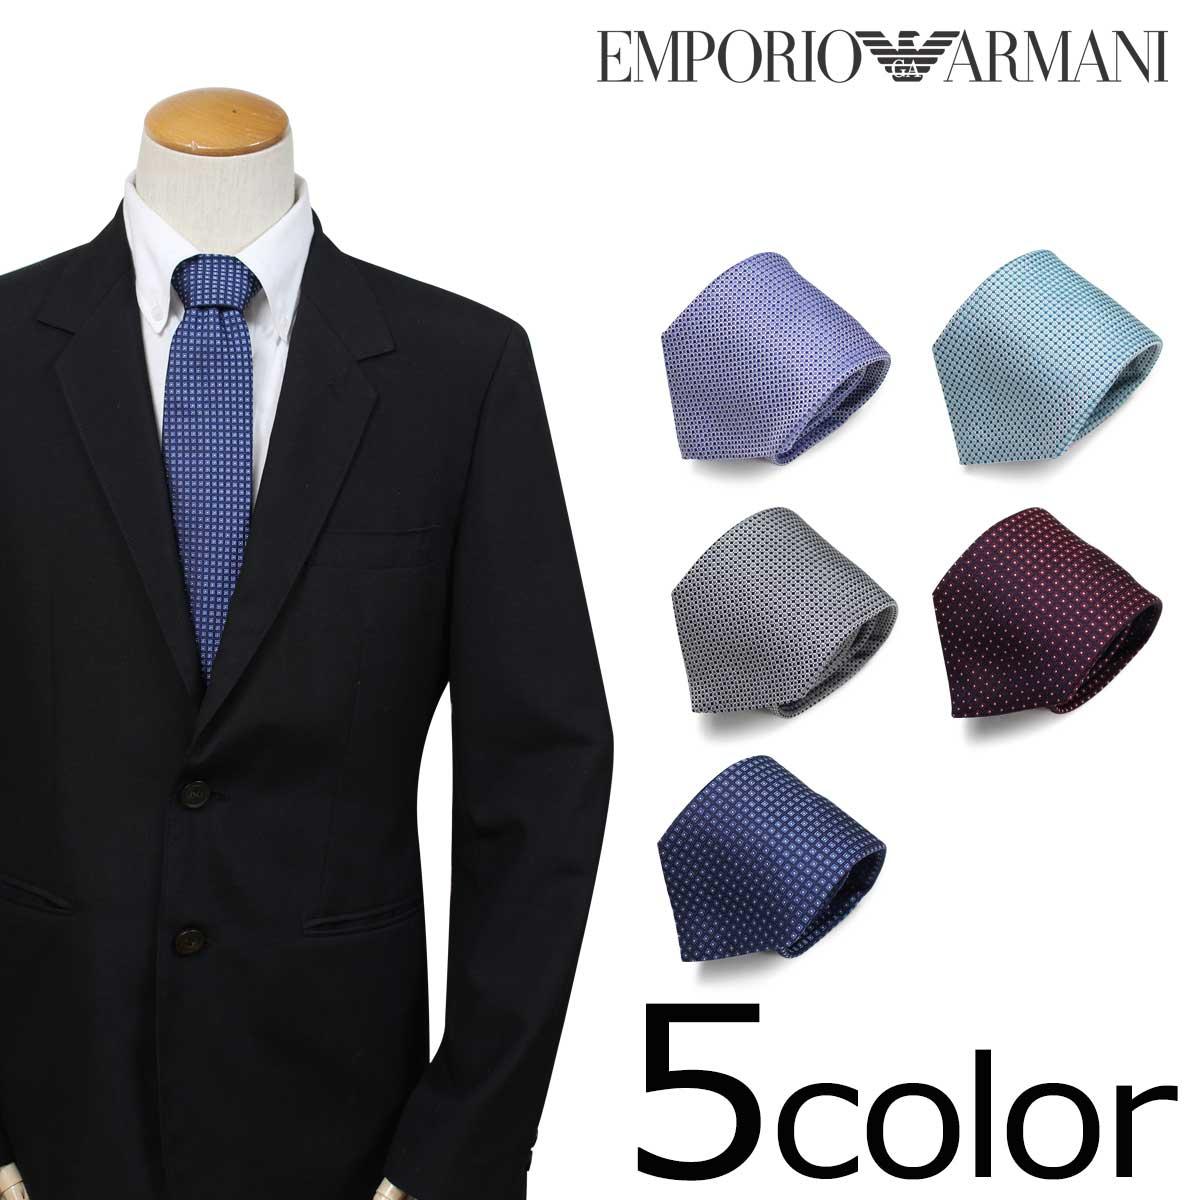 エンポリオ アルマーニ ネクタイ EMPORIO ARMANI イタリア製 シルク ビジネス 結婚式 メンズ [9/5 追加入荷]